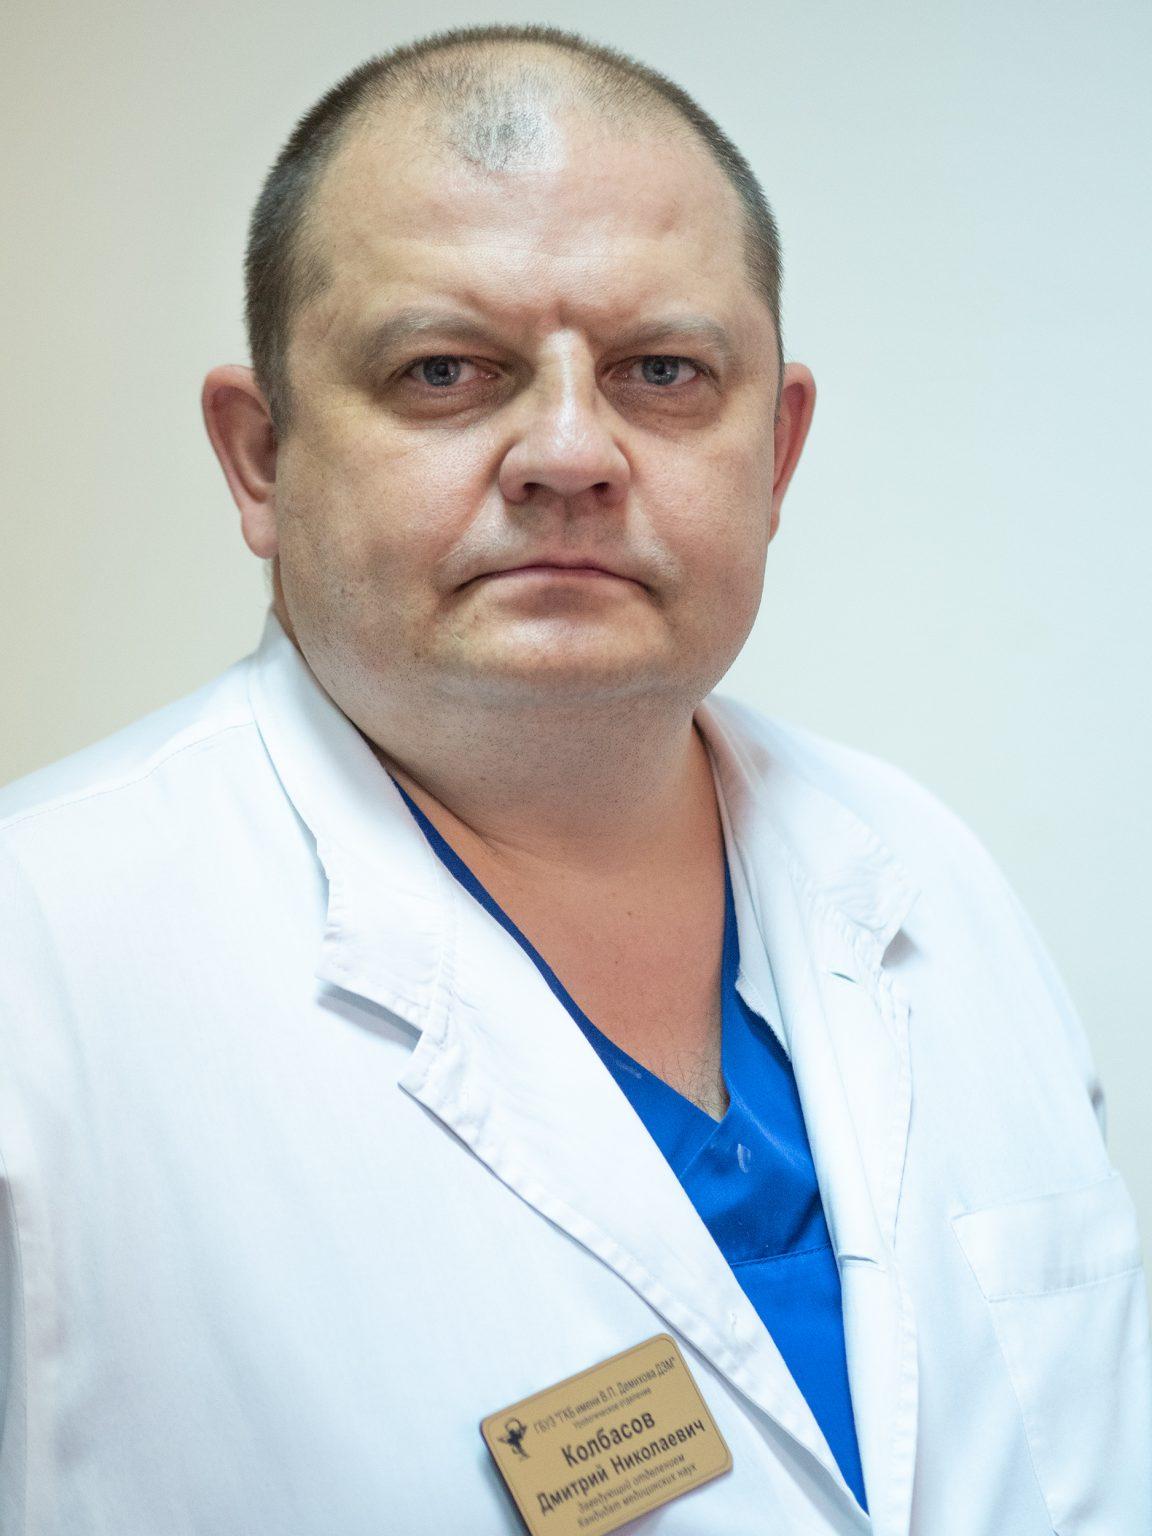 Колбасов Дмитрий Николаевич